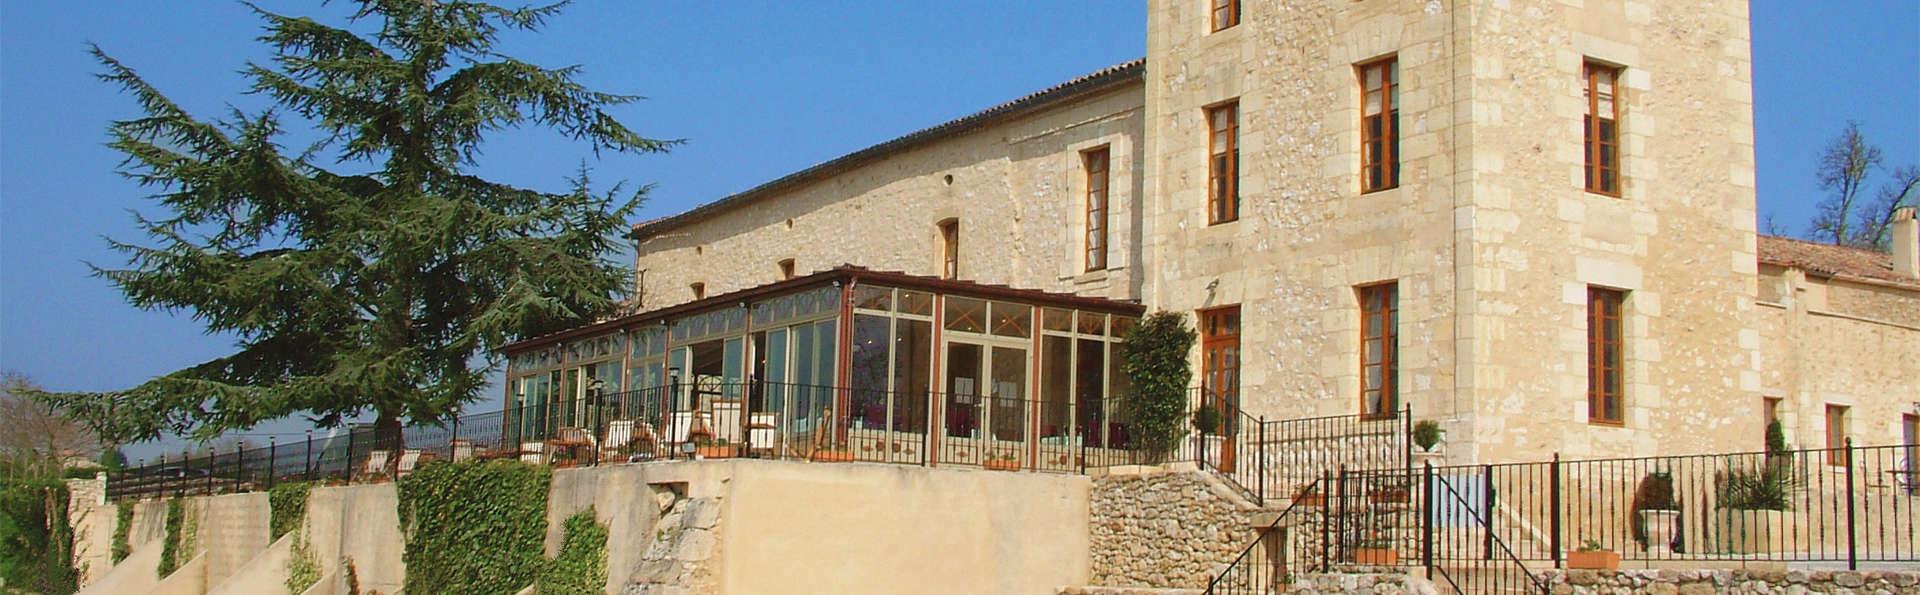 Château de Sanse - EDIT_Fachada_3.jpg